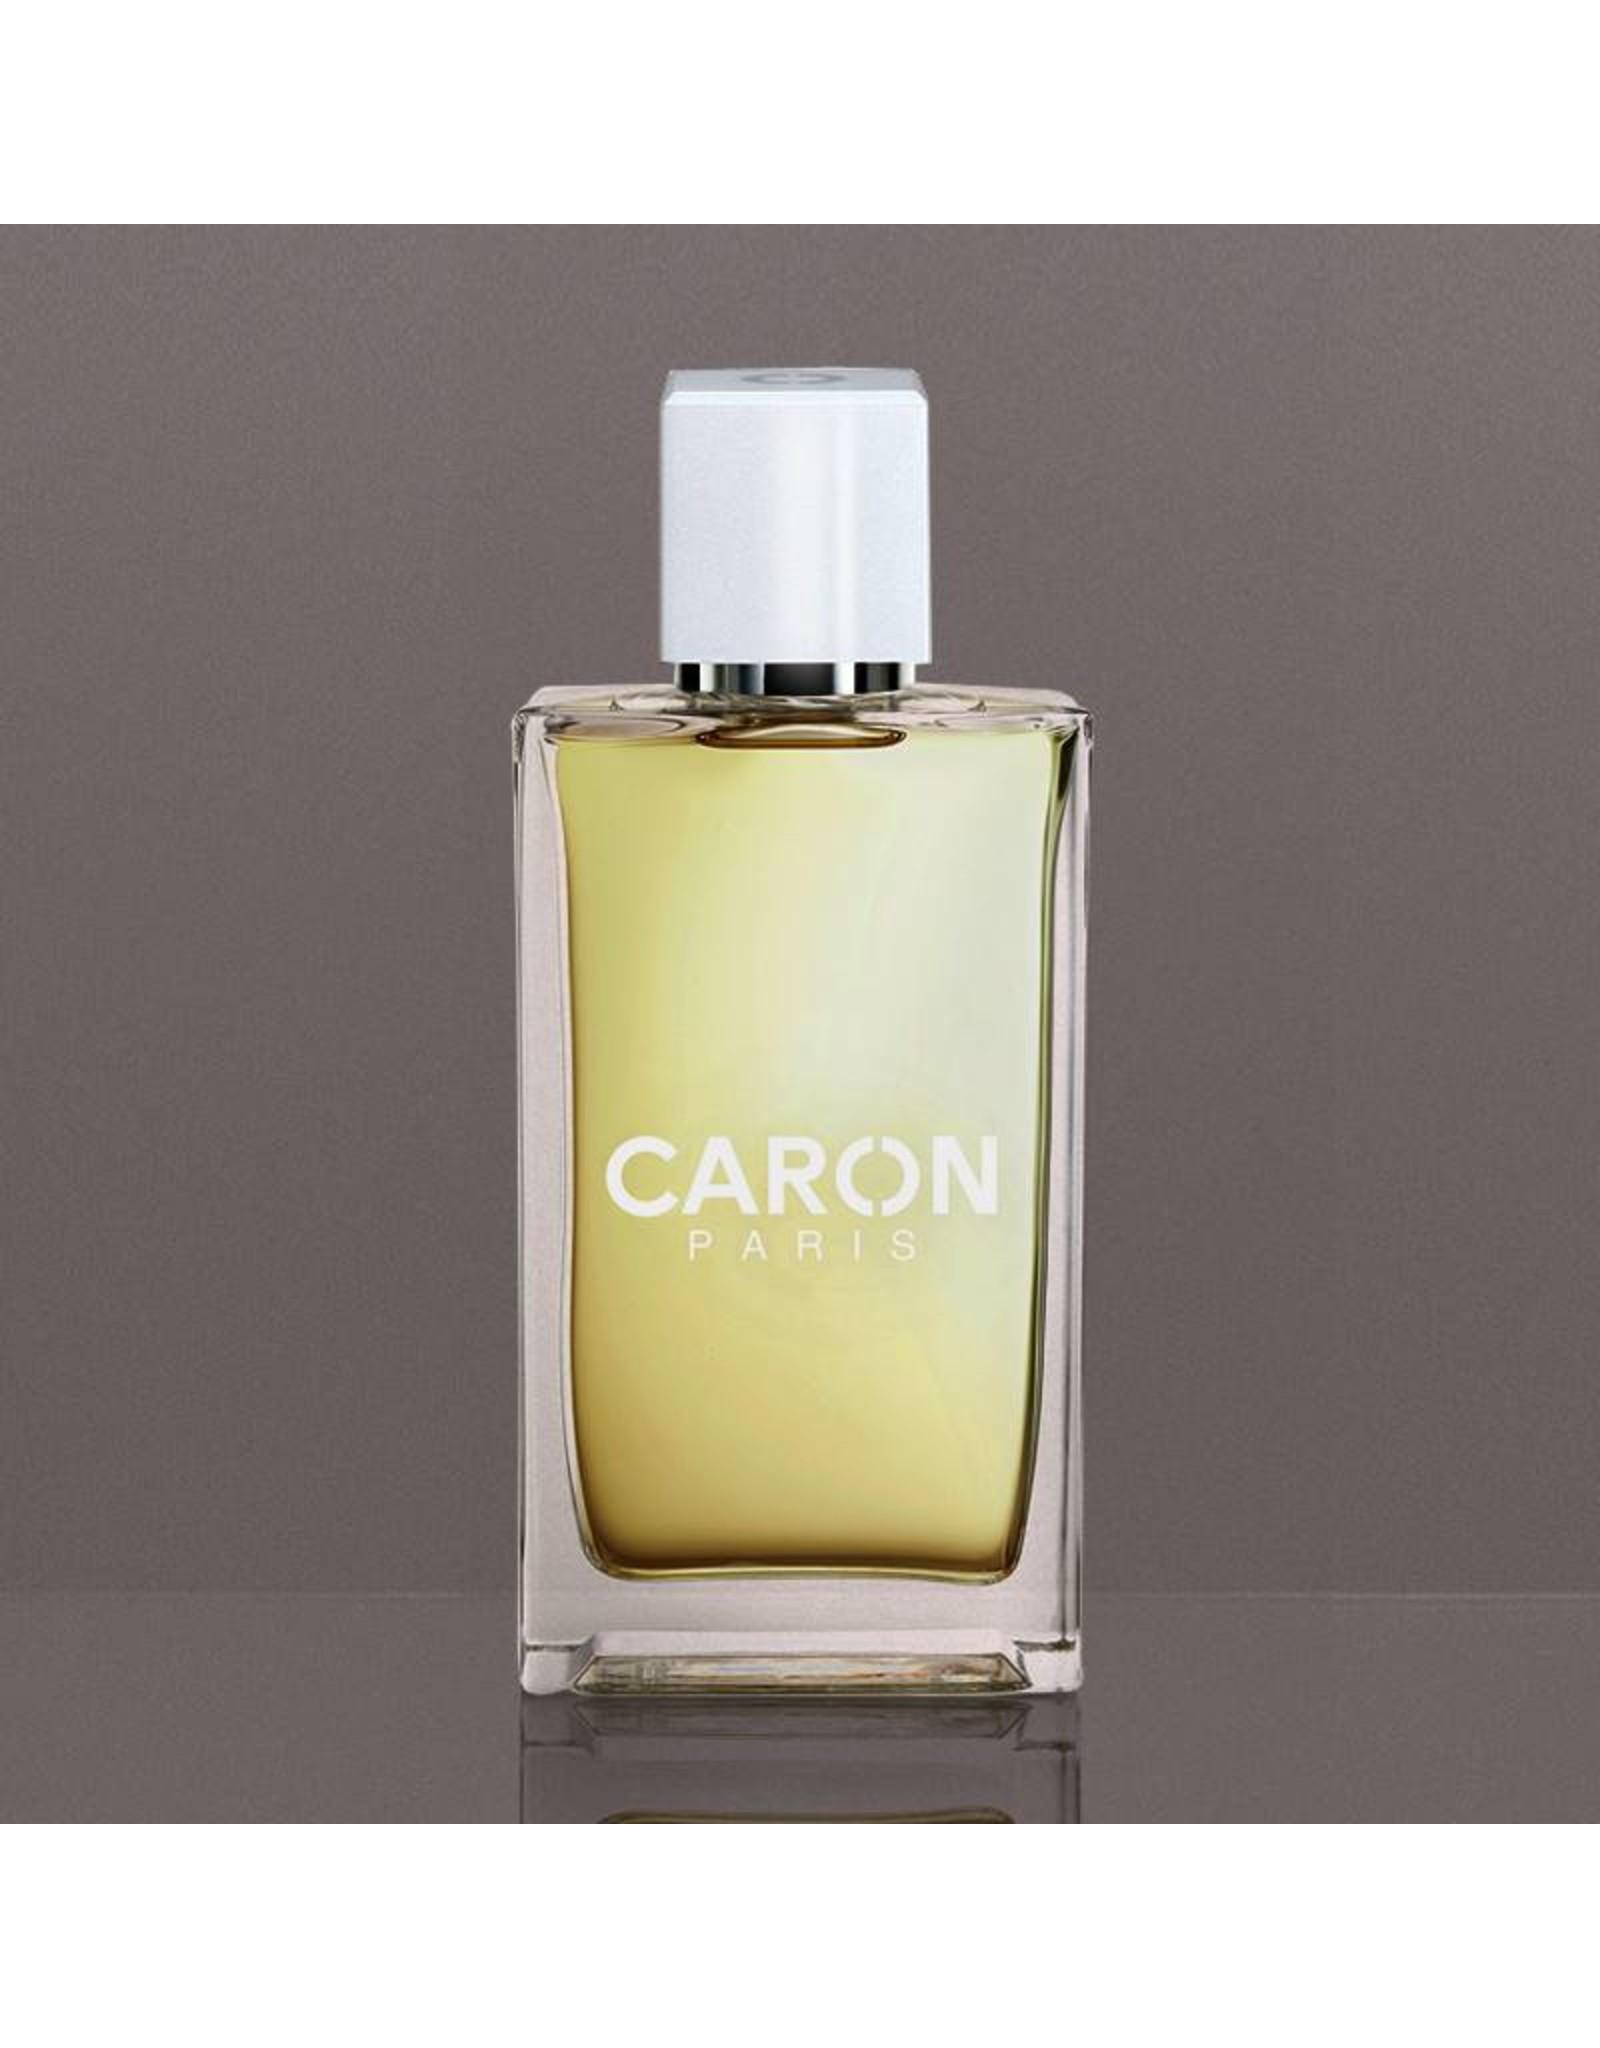 Caron Paris Les Eaux - Eau de Cologne